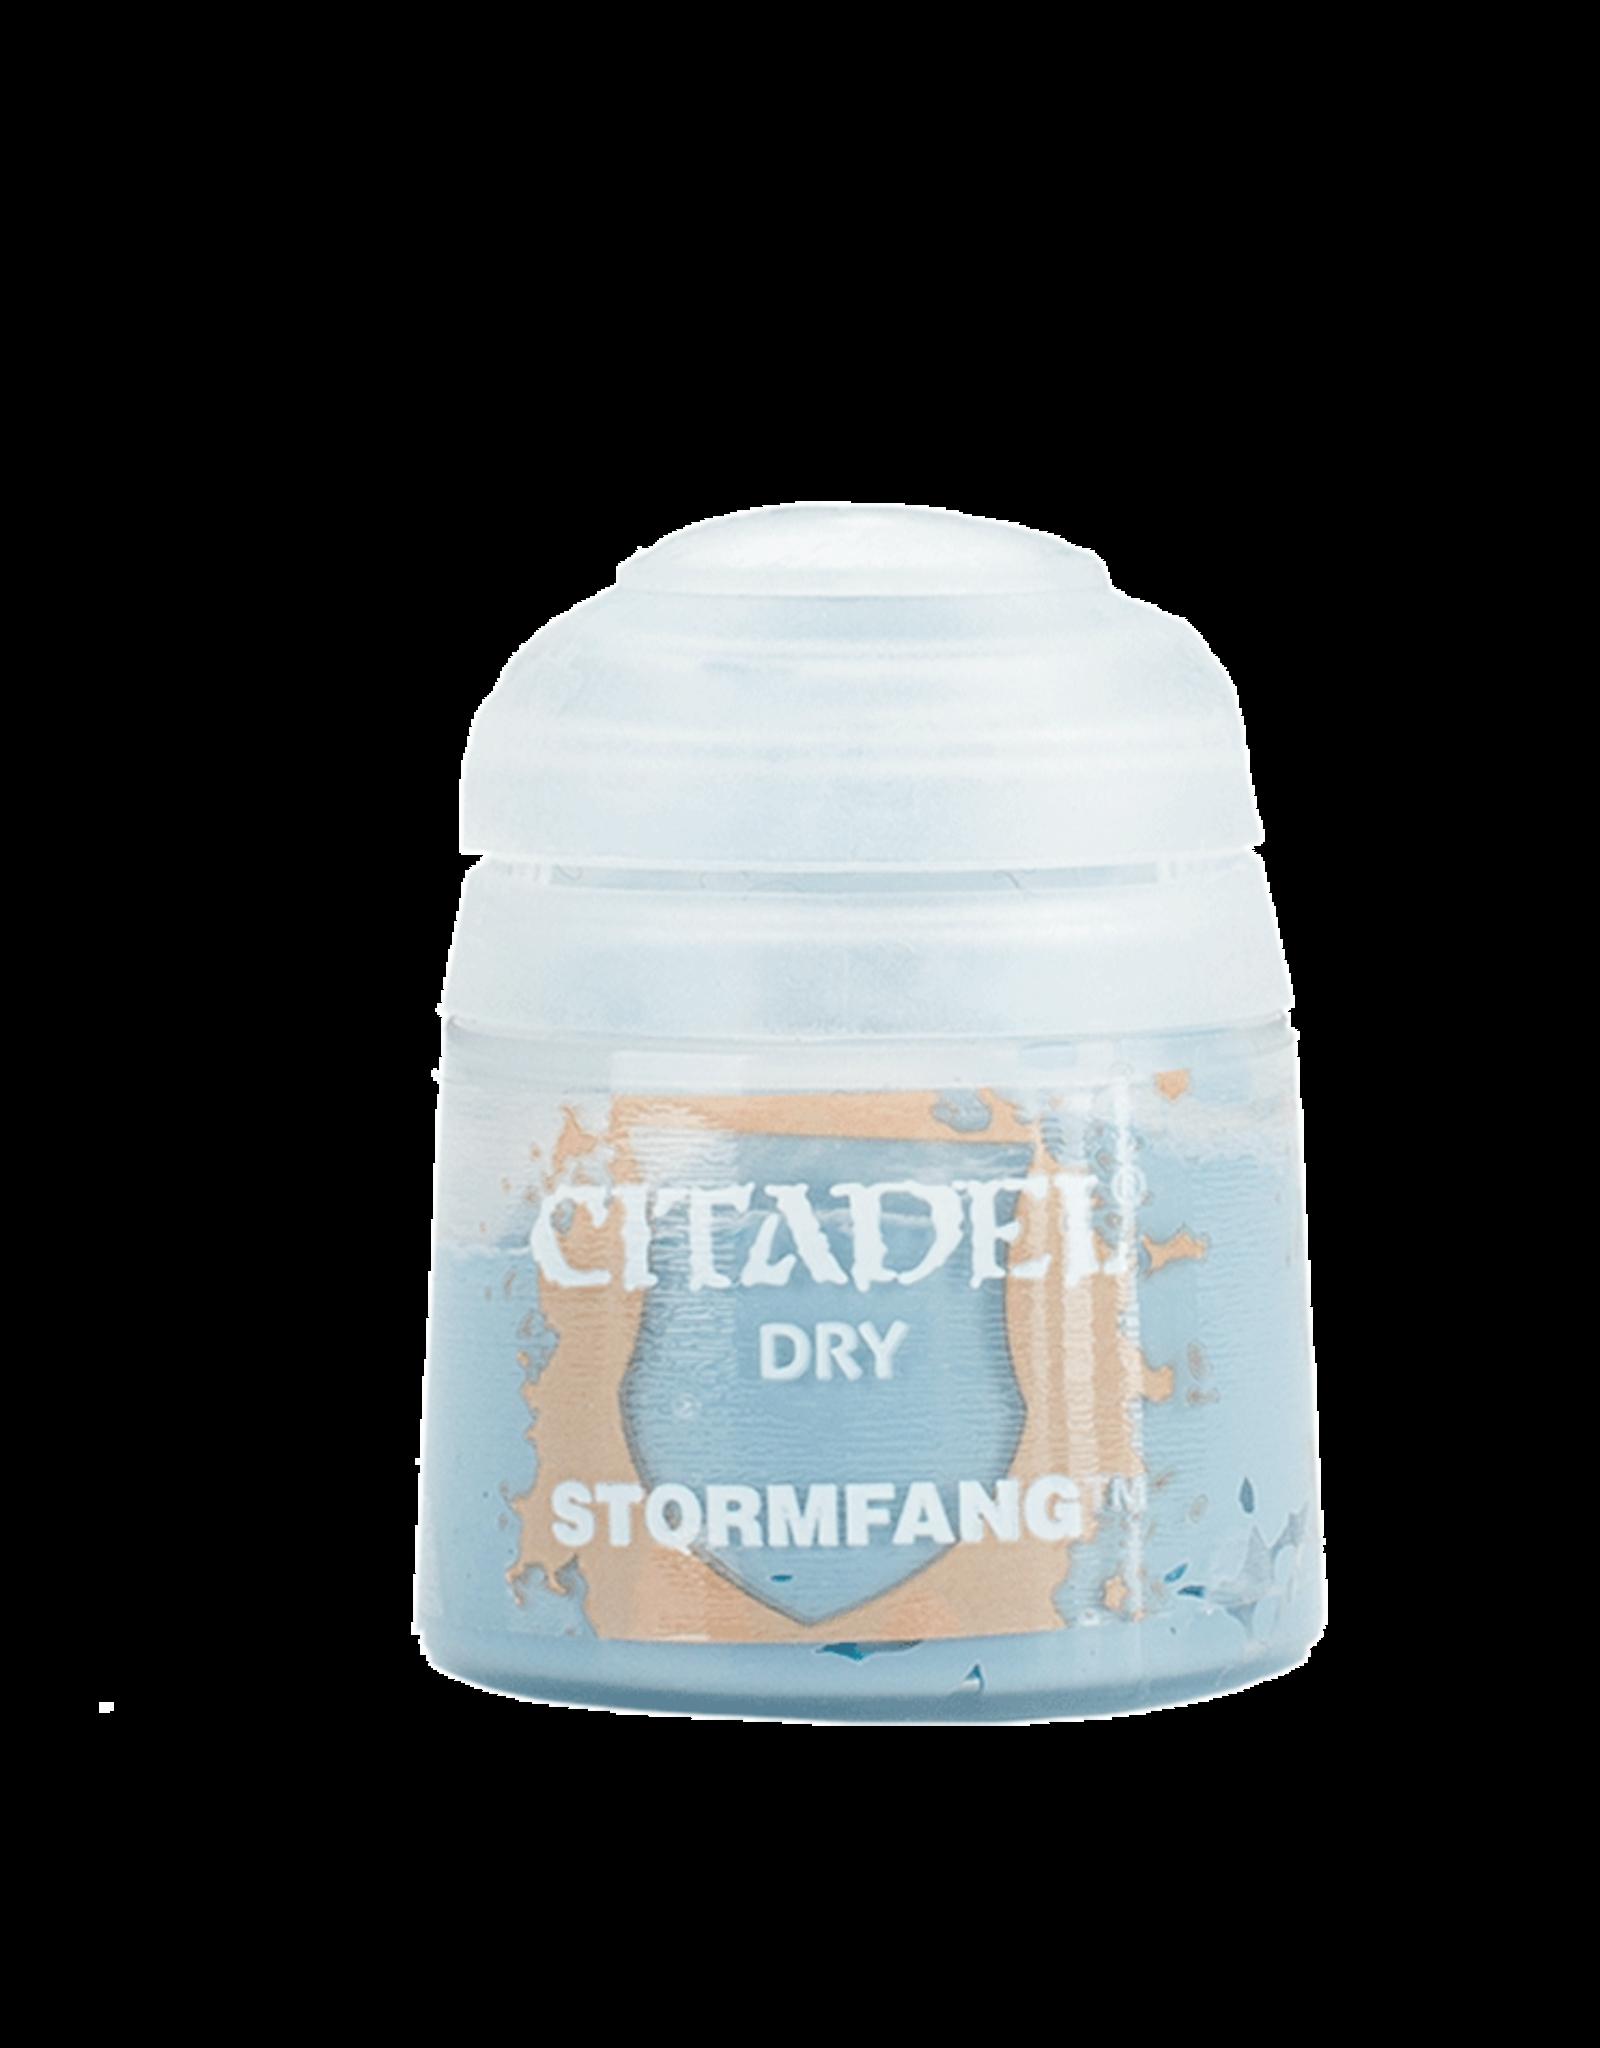 Citadel Citadel Dry: Stormfang (12ml)